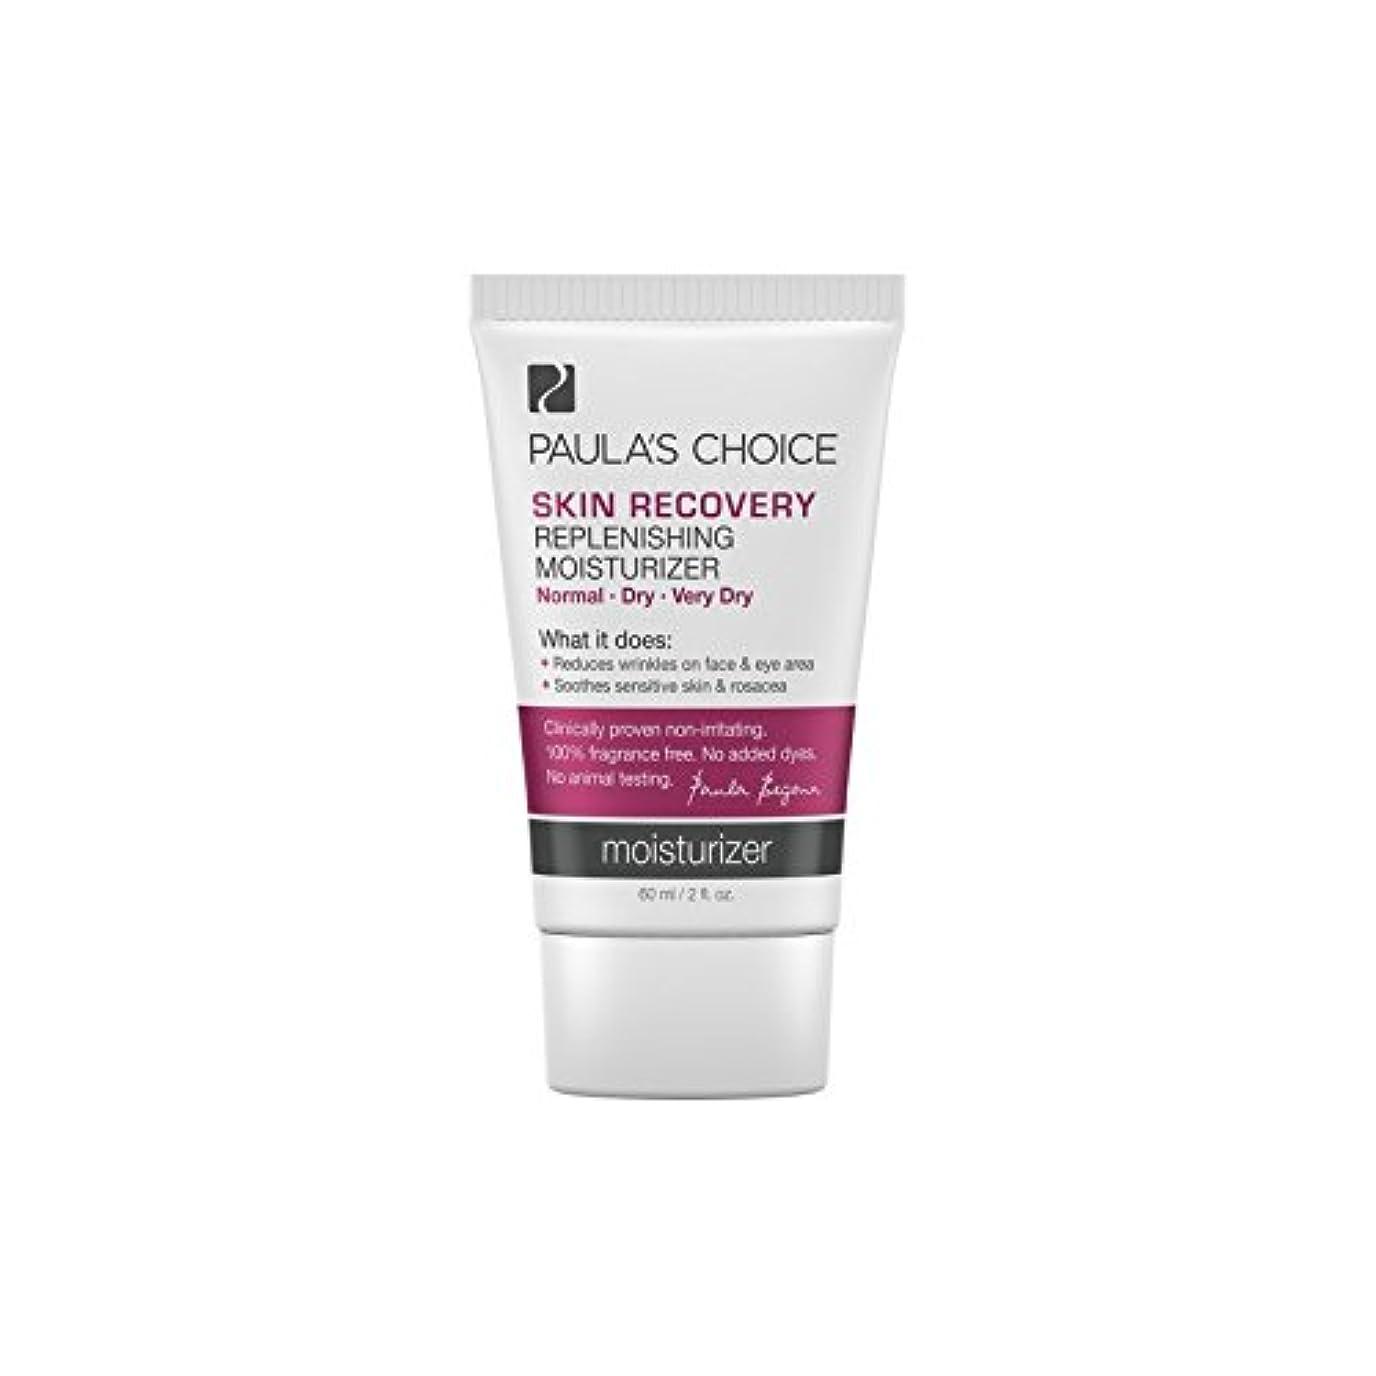 側面ターミナルギャロップPaula's Choice Skin Recovery Replenishing Moisturizer (60ml) - ポーラチョイスの肌の回復補充保湿(60ミリリットル) [並行輸入品]